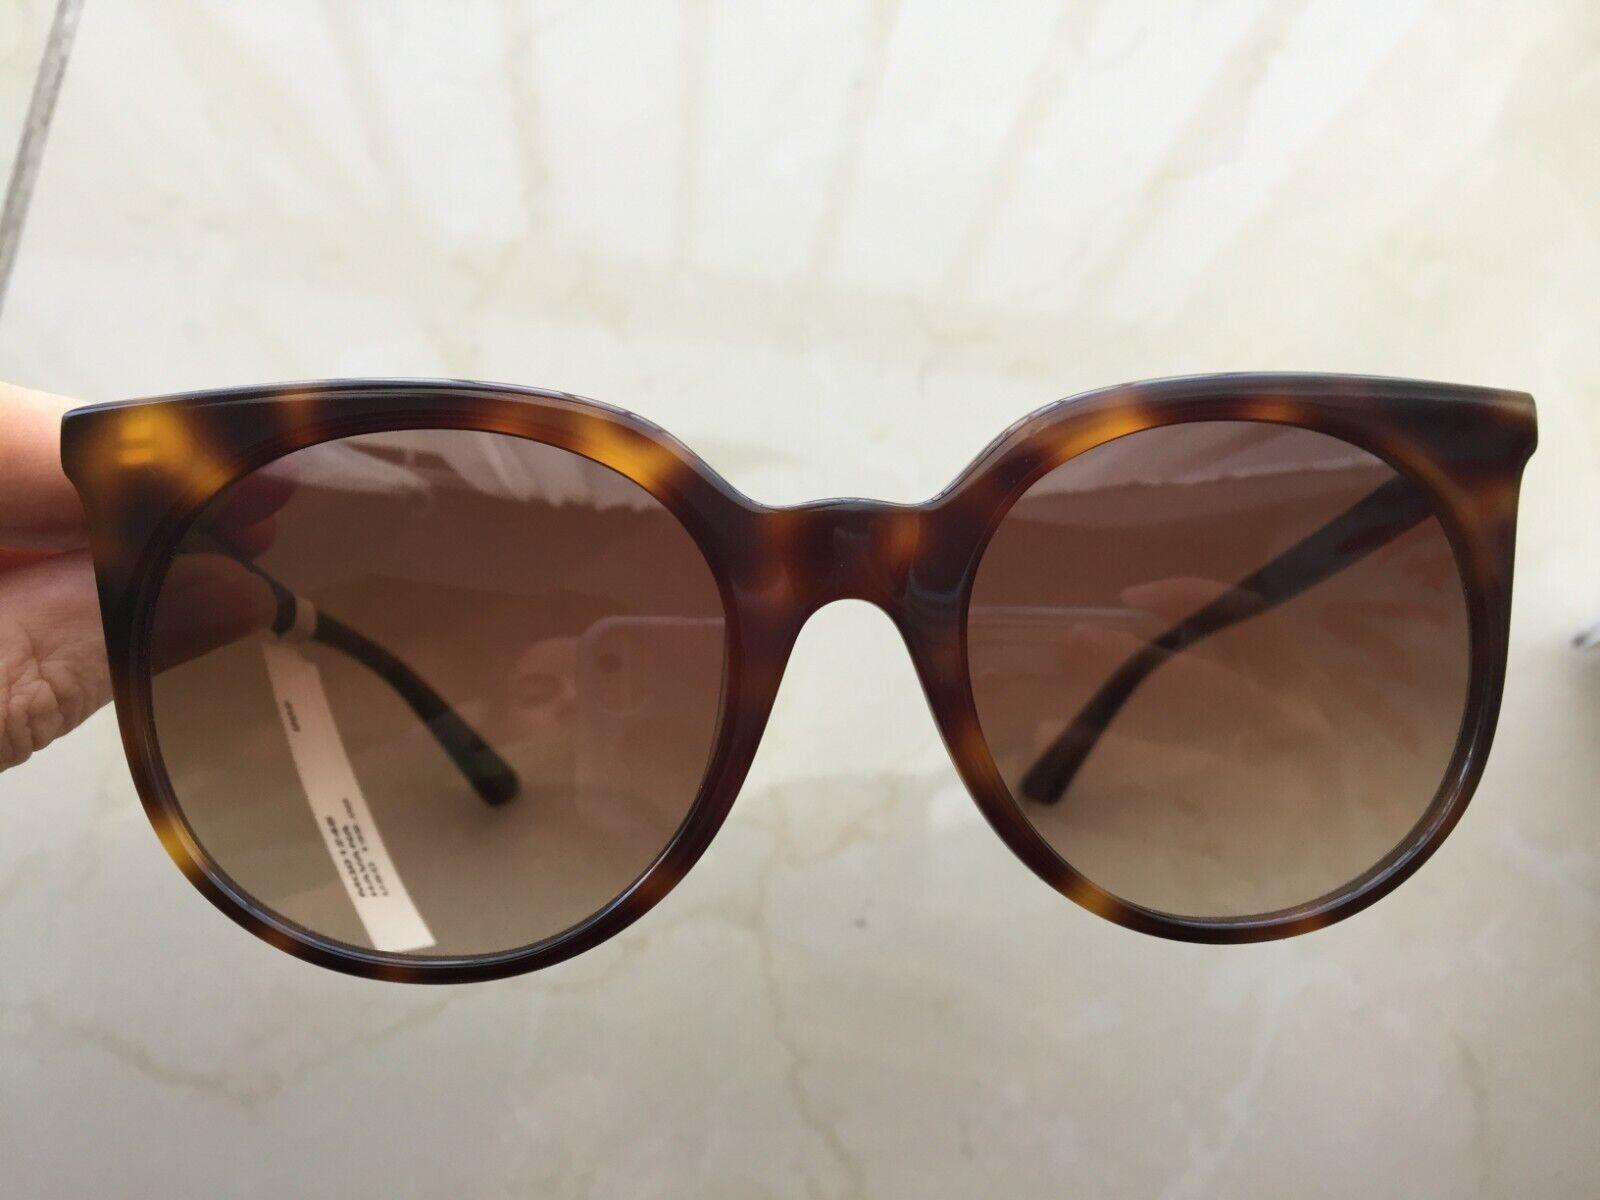 NWT Brown Tortoise Sunglasses Alexander McQueen HavanaWomen's